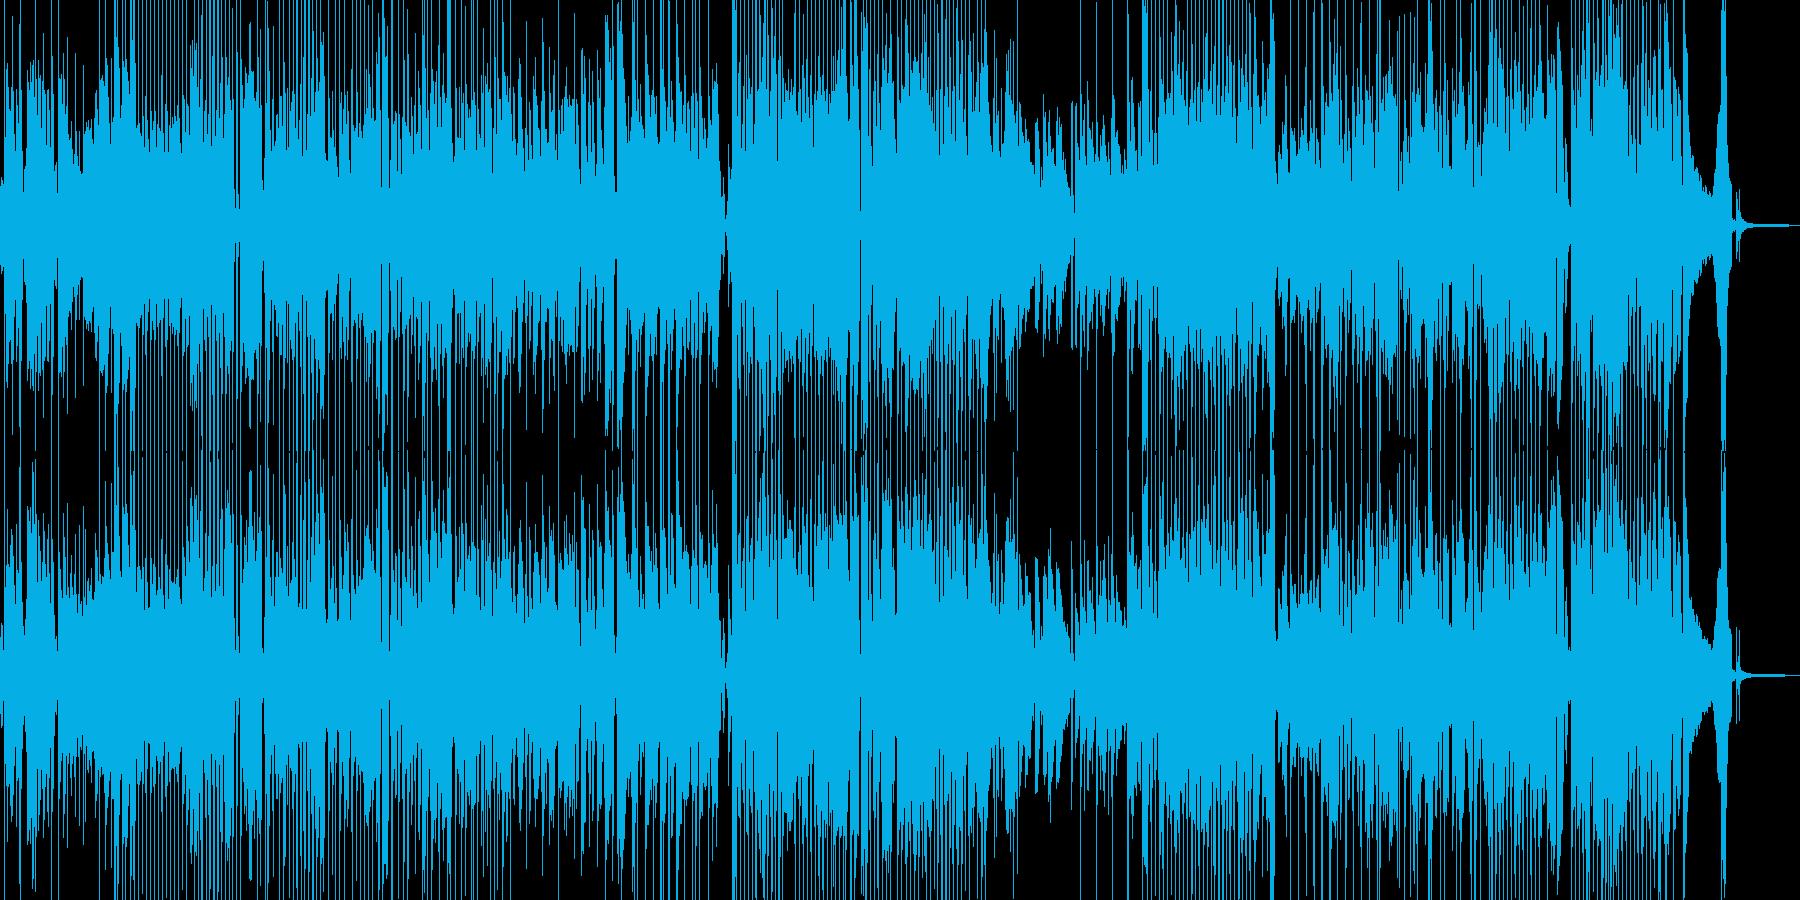 前向きで明るい気持ちになるジャズ ★Sの再生済みの波形